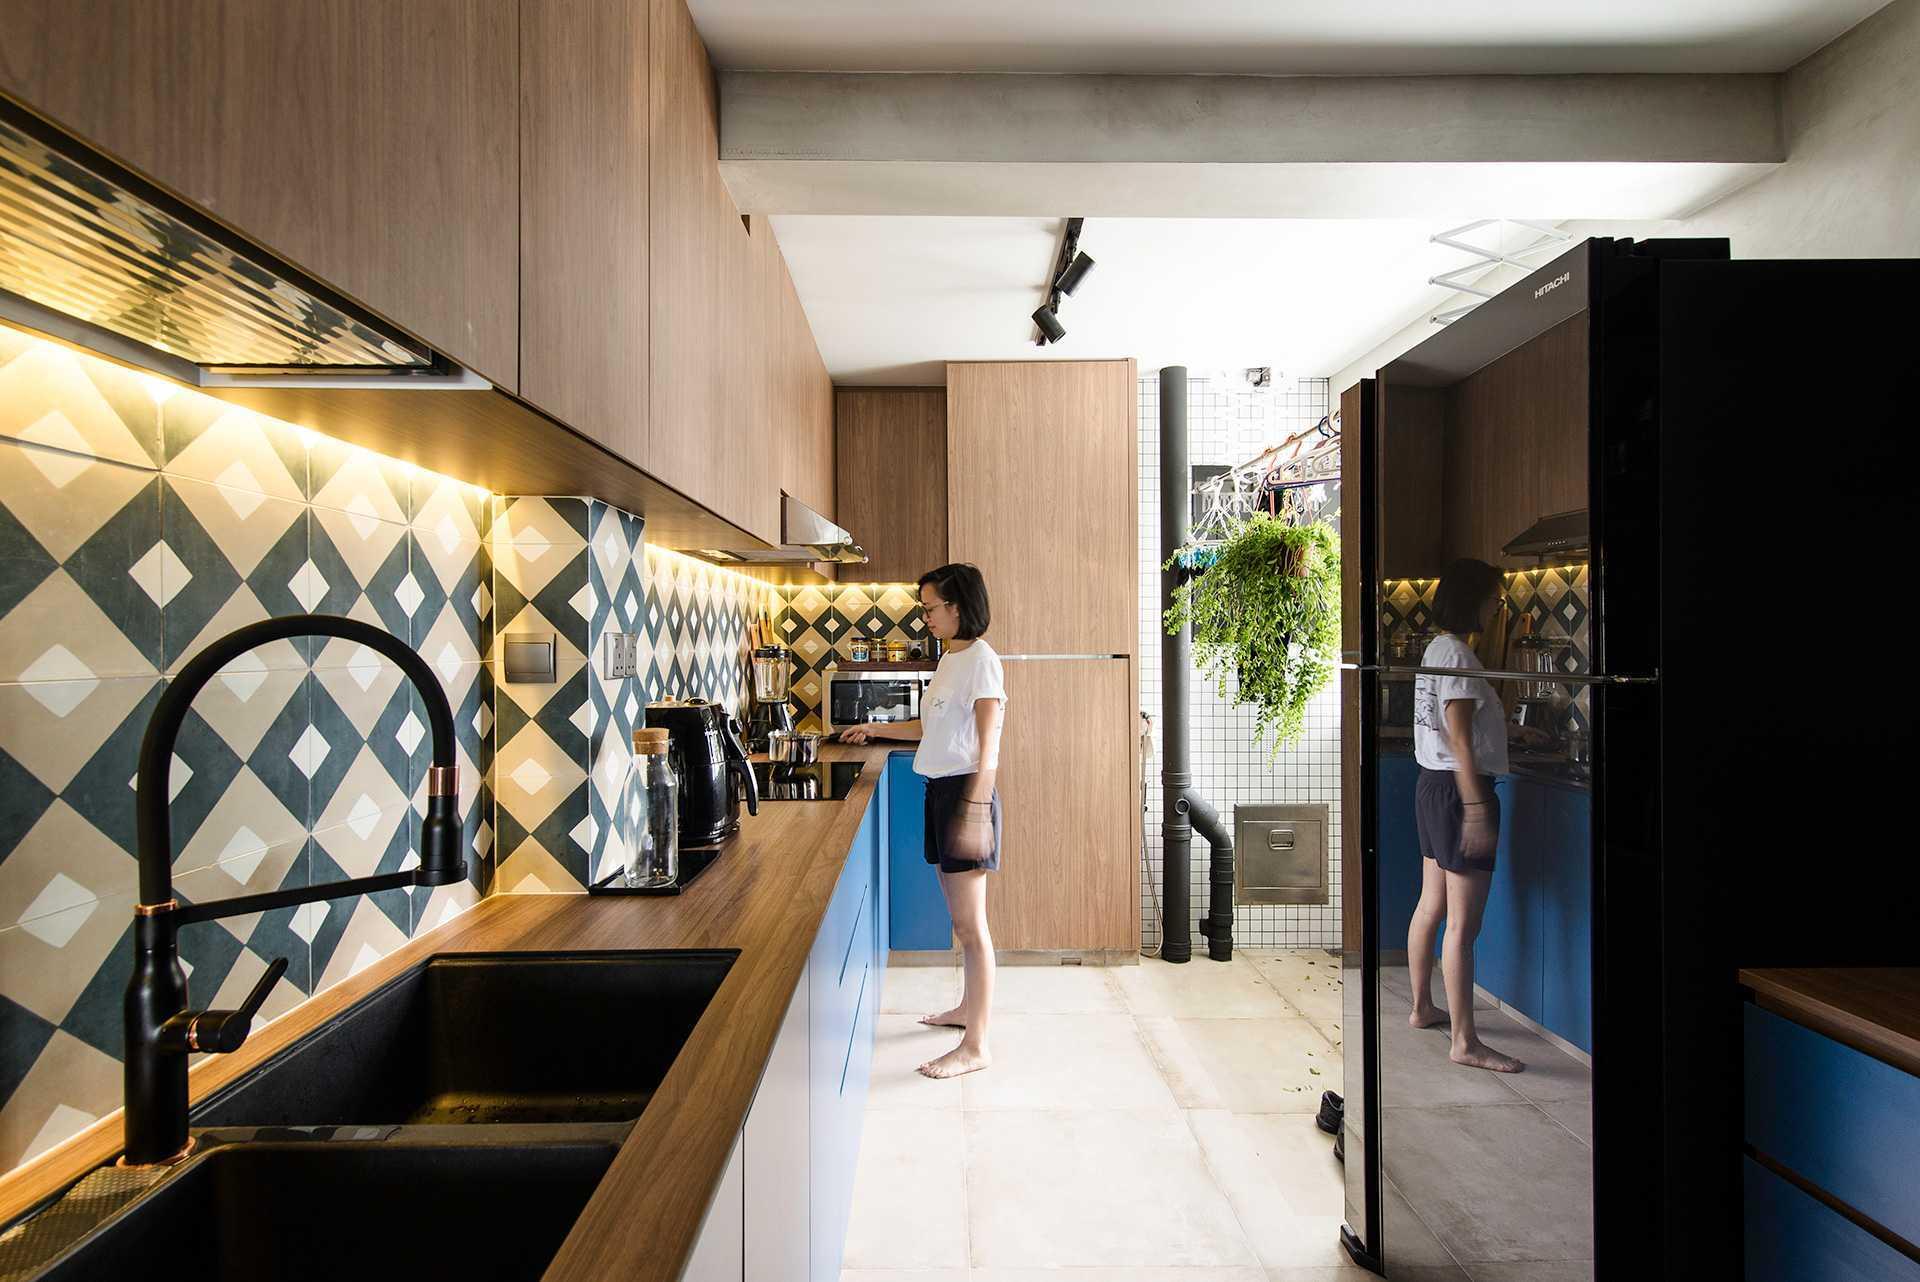 Helloembryo 414 Commonwealth Singapura Singapura 414 Commonwealth - Kitchen   43922